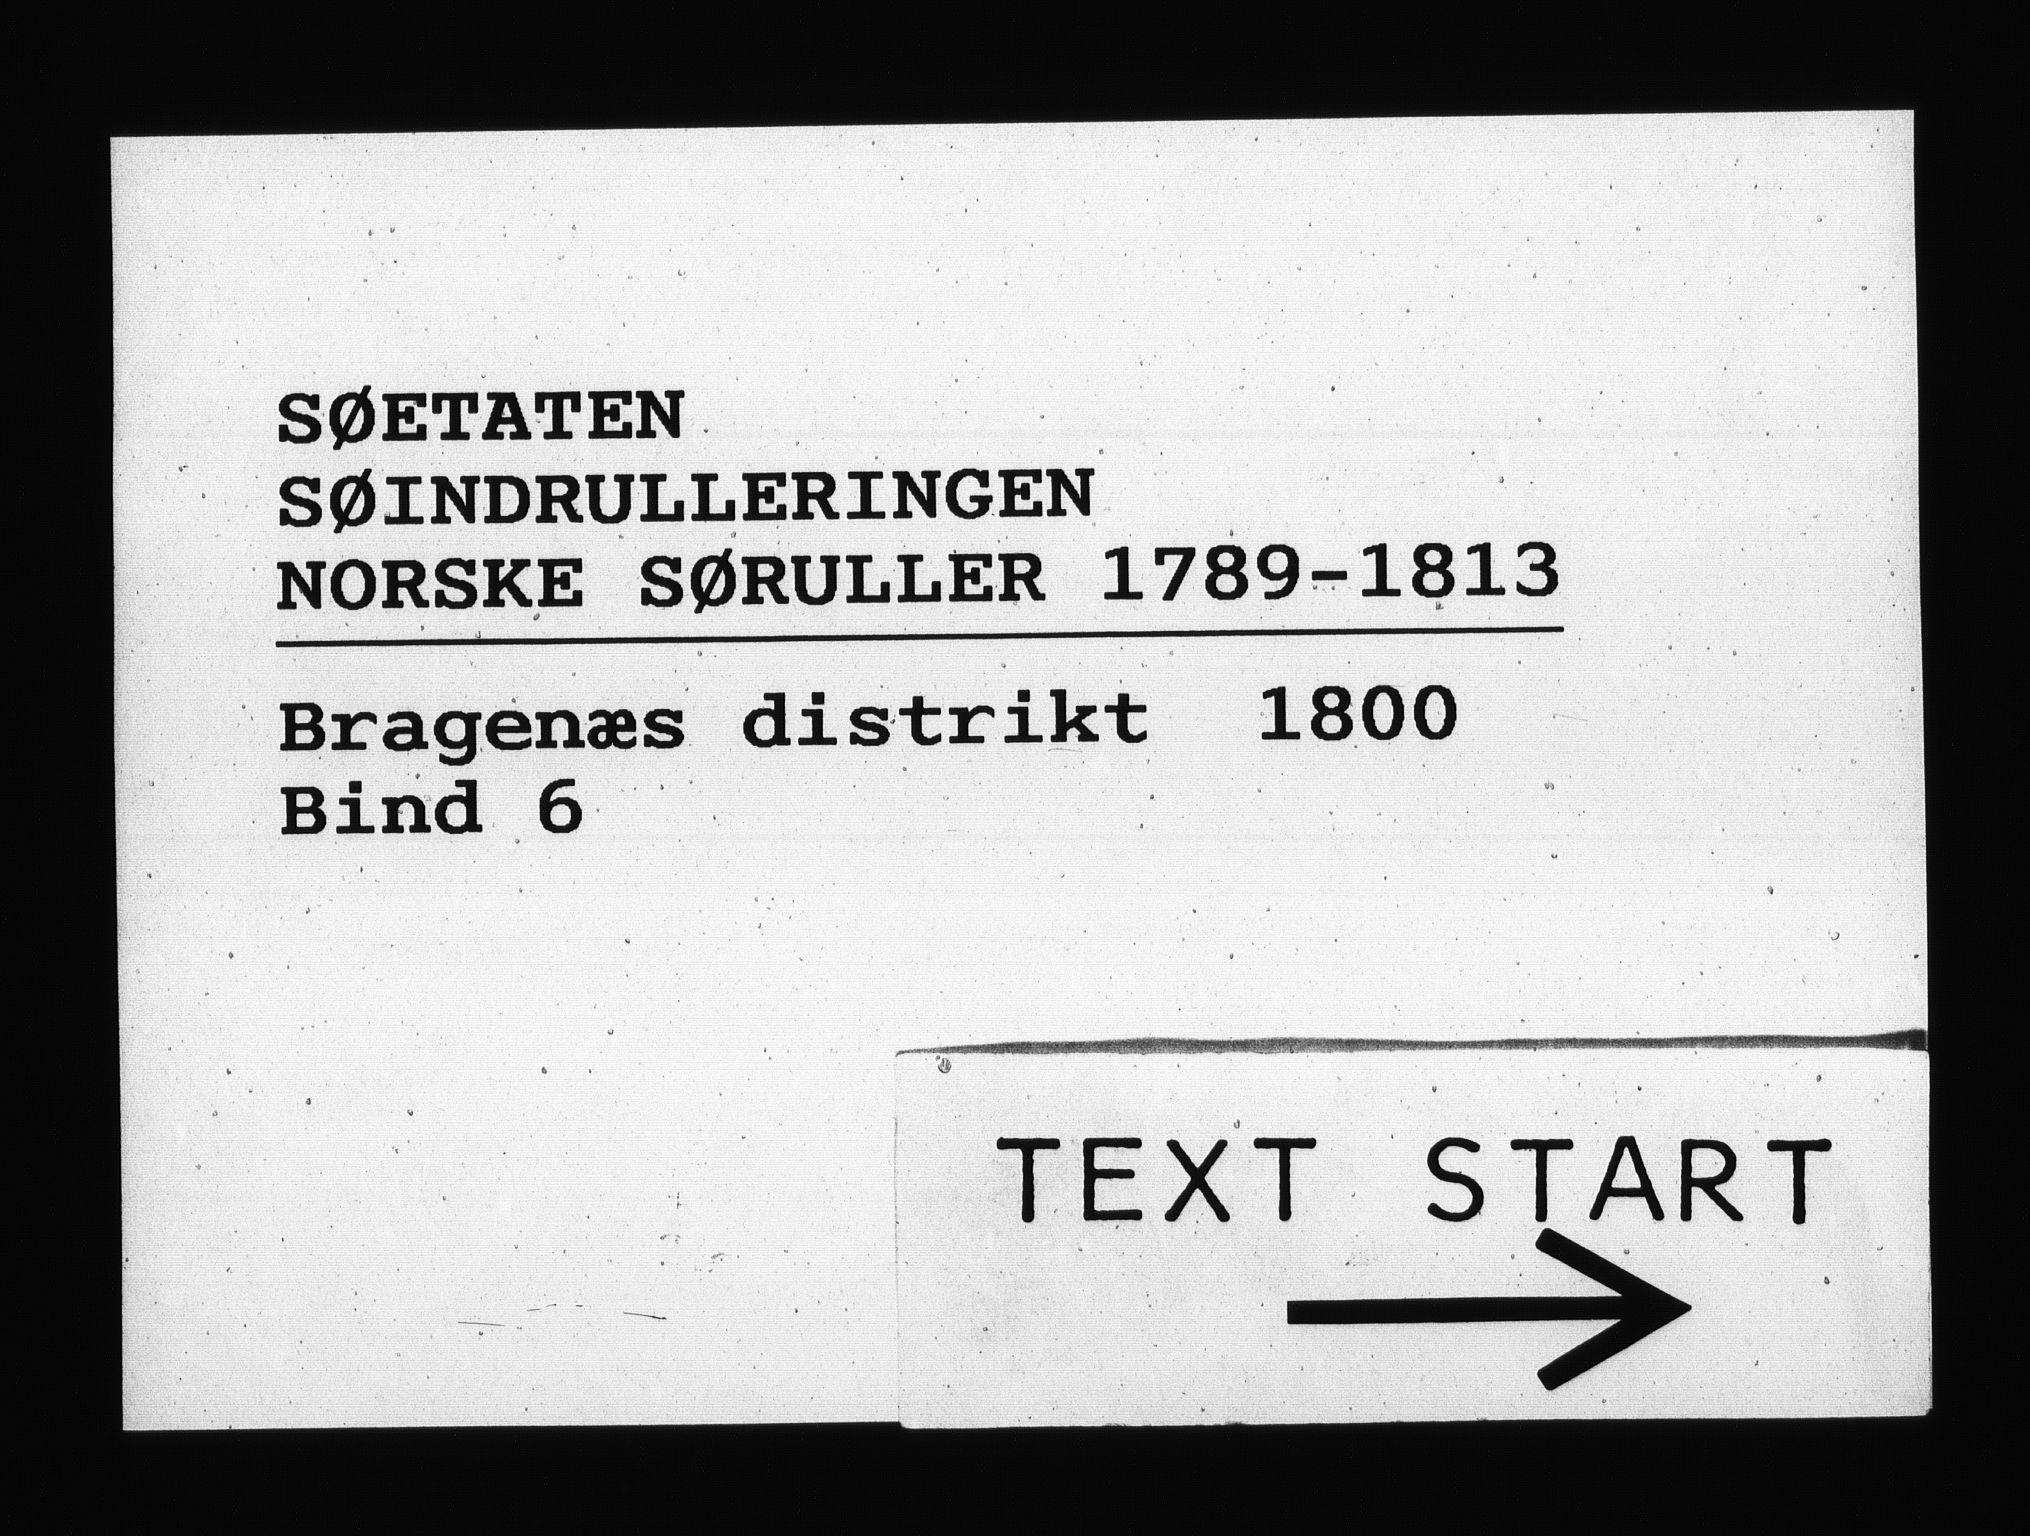 RA, Sjøetaten, F/L0133: Bragernes distrikt, bind 6, 1800